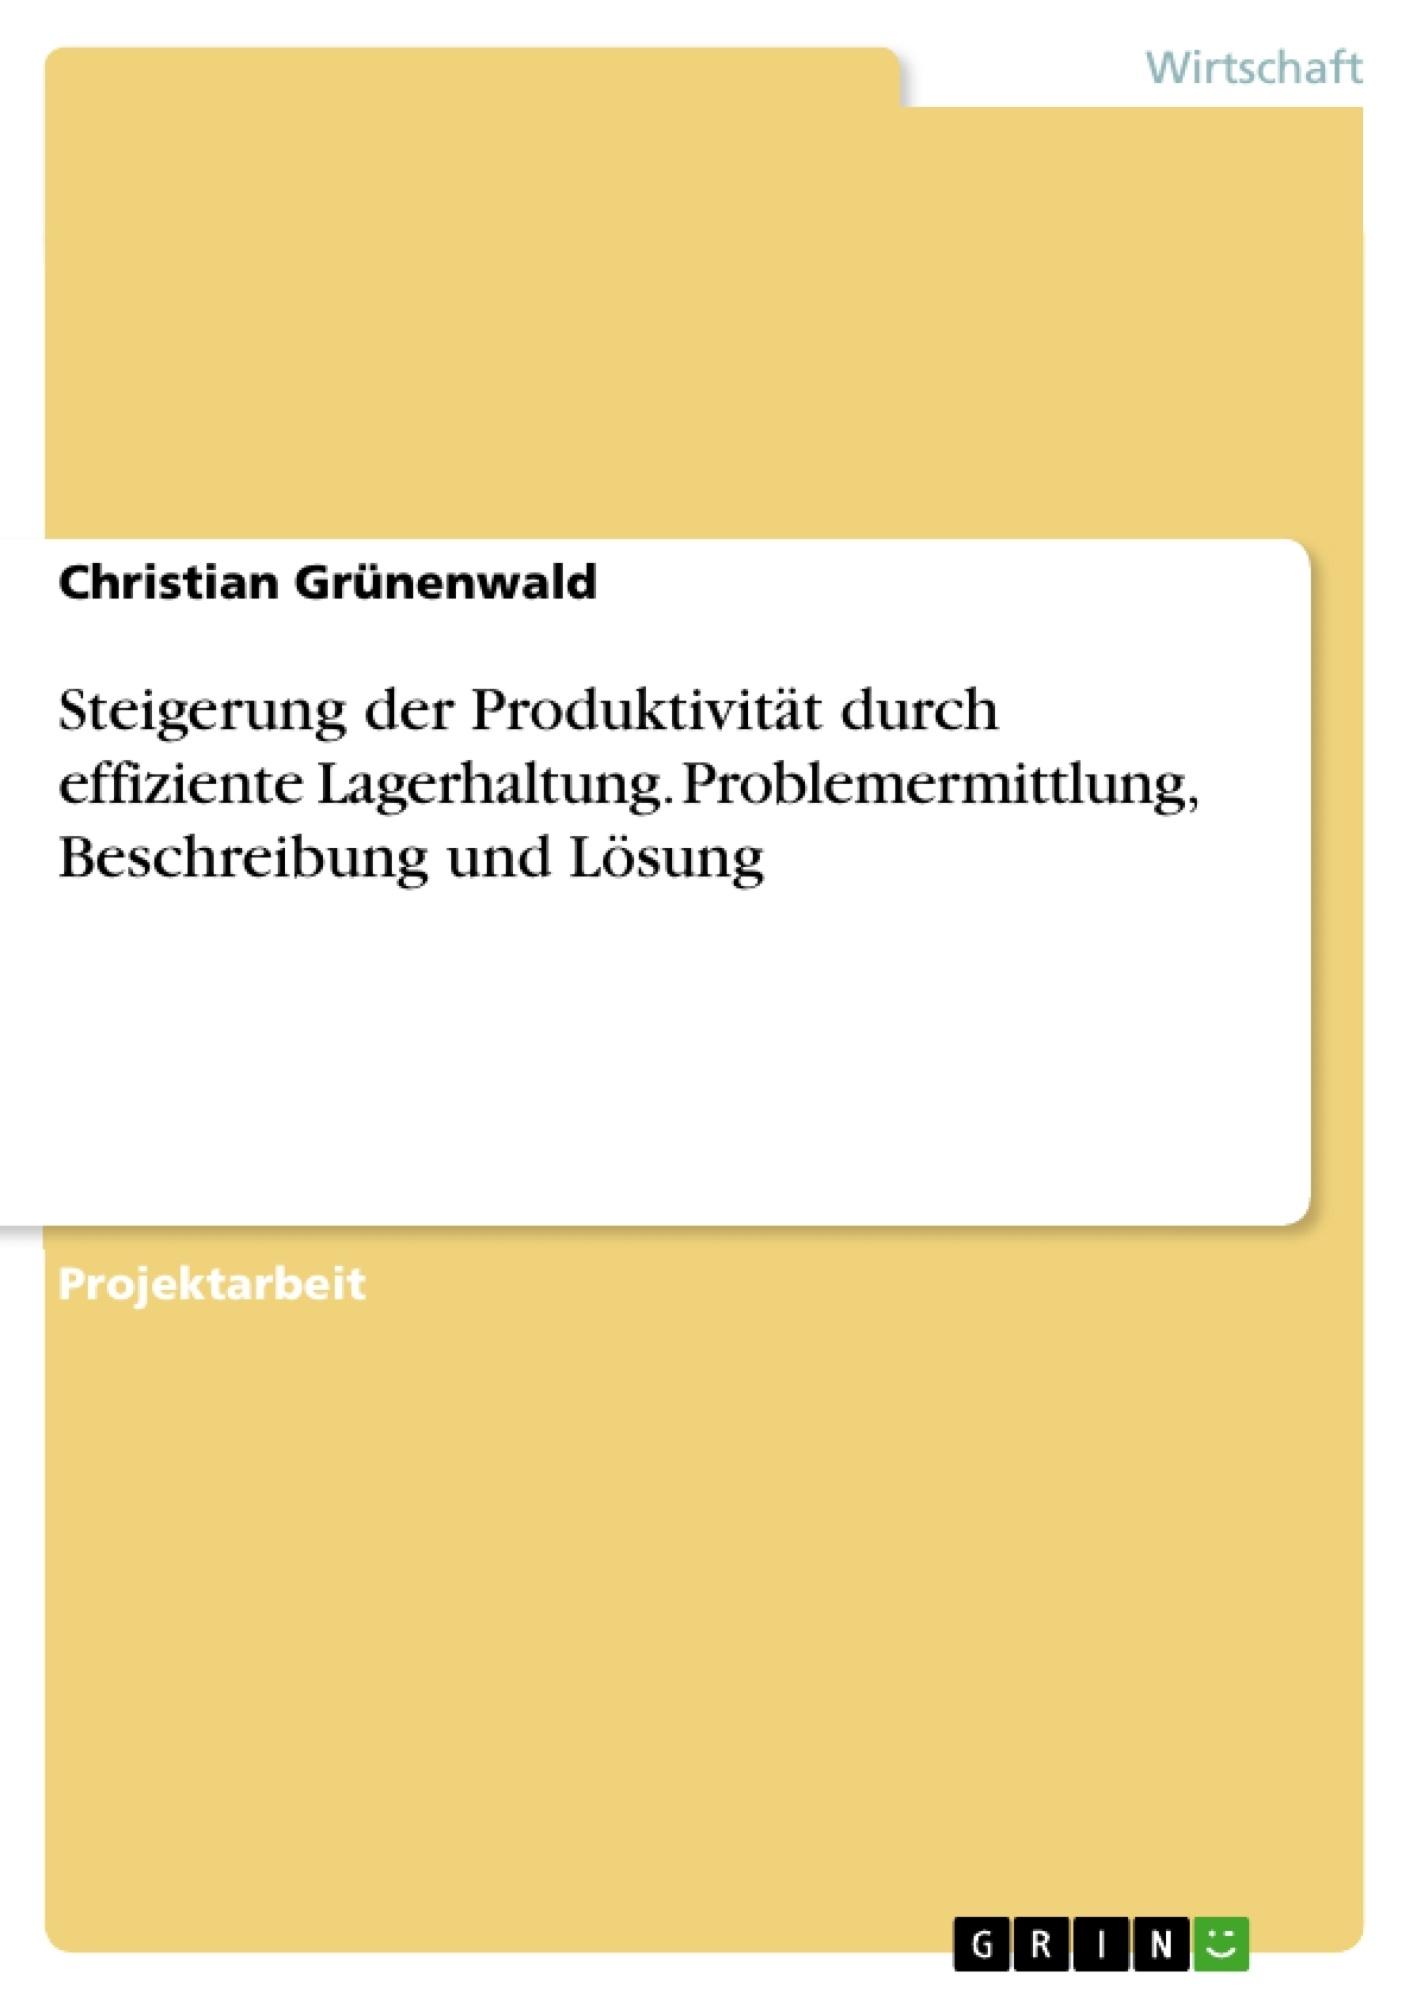 Titel: Steigerung der Produktivität durch effiziente Lagerhaltung. Problemermittlung, Beschreibung und Lösung